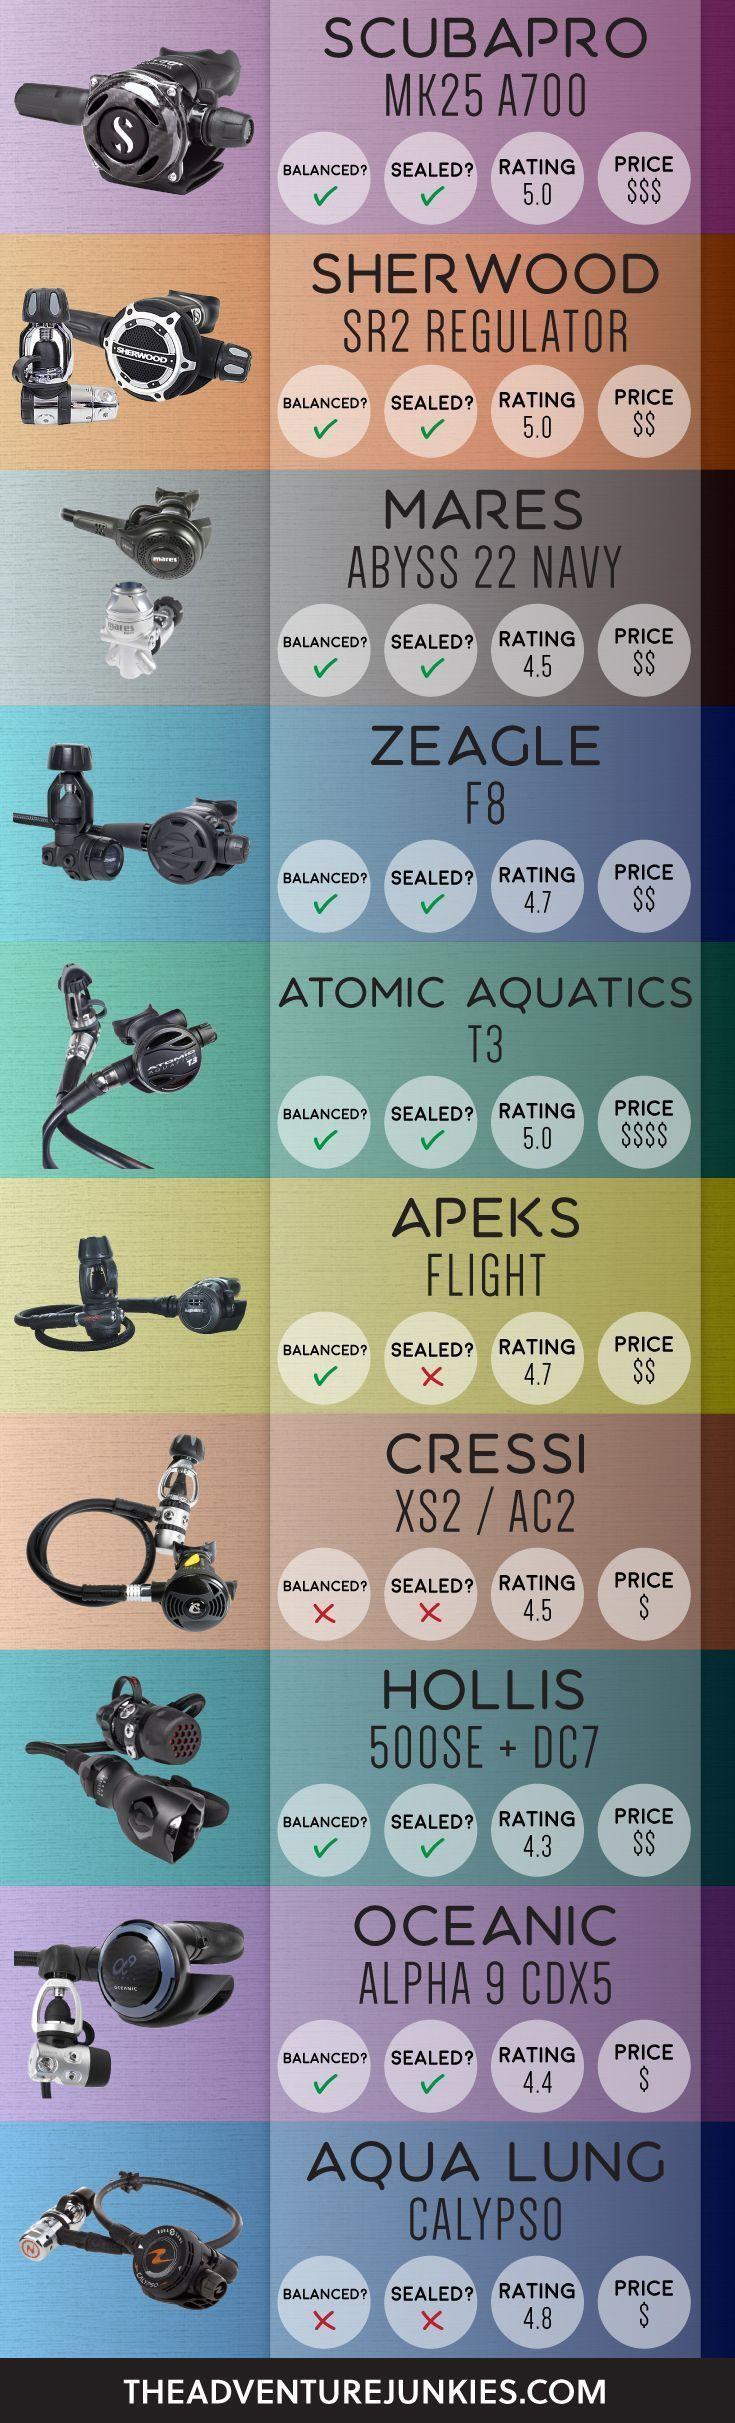 55 best Dive Equipment & Storage images on Pinterest | Scuba diving ...